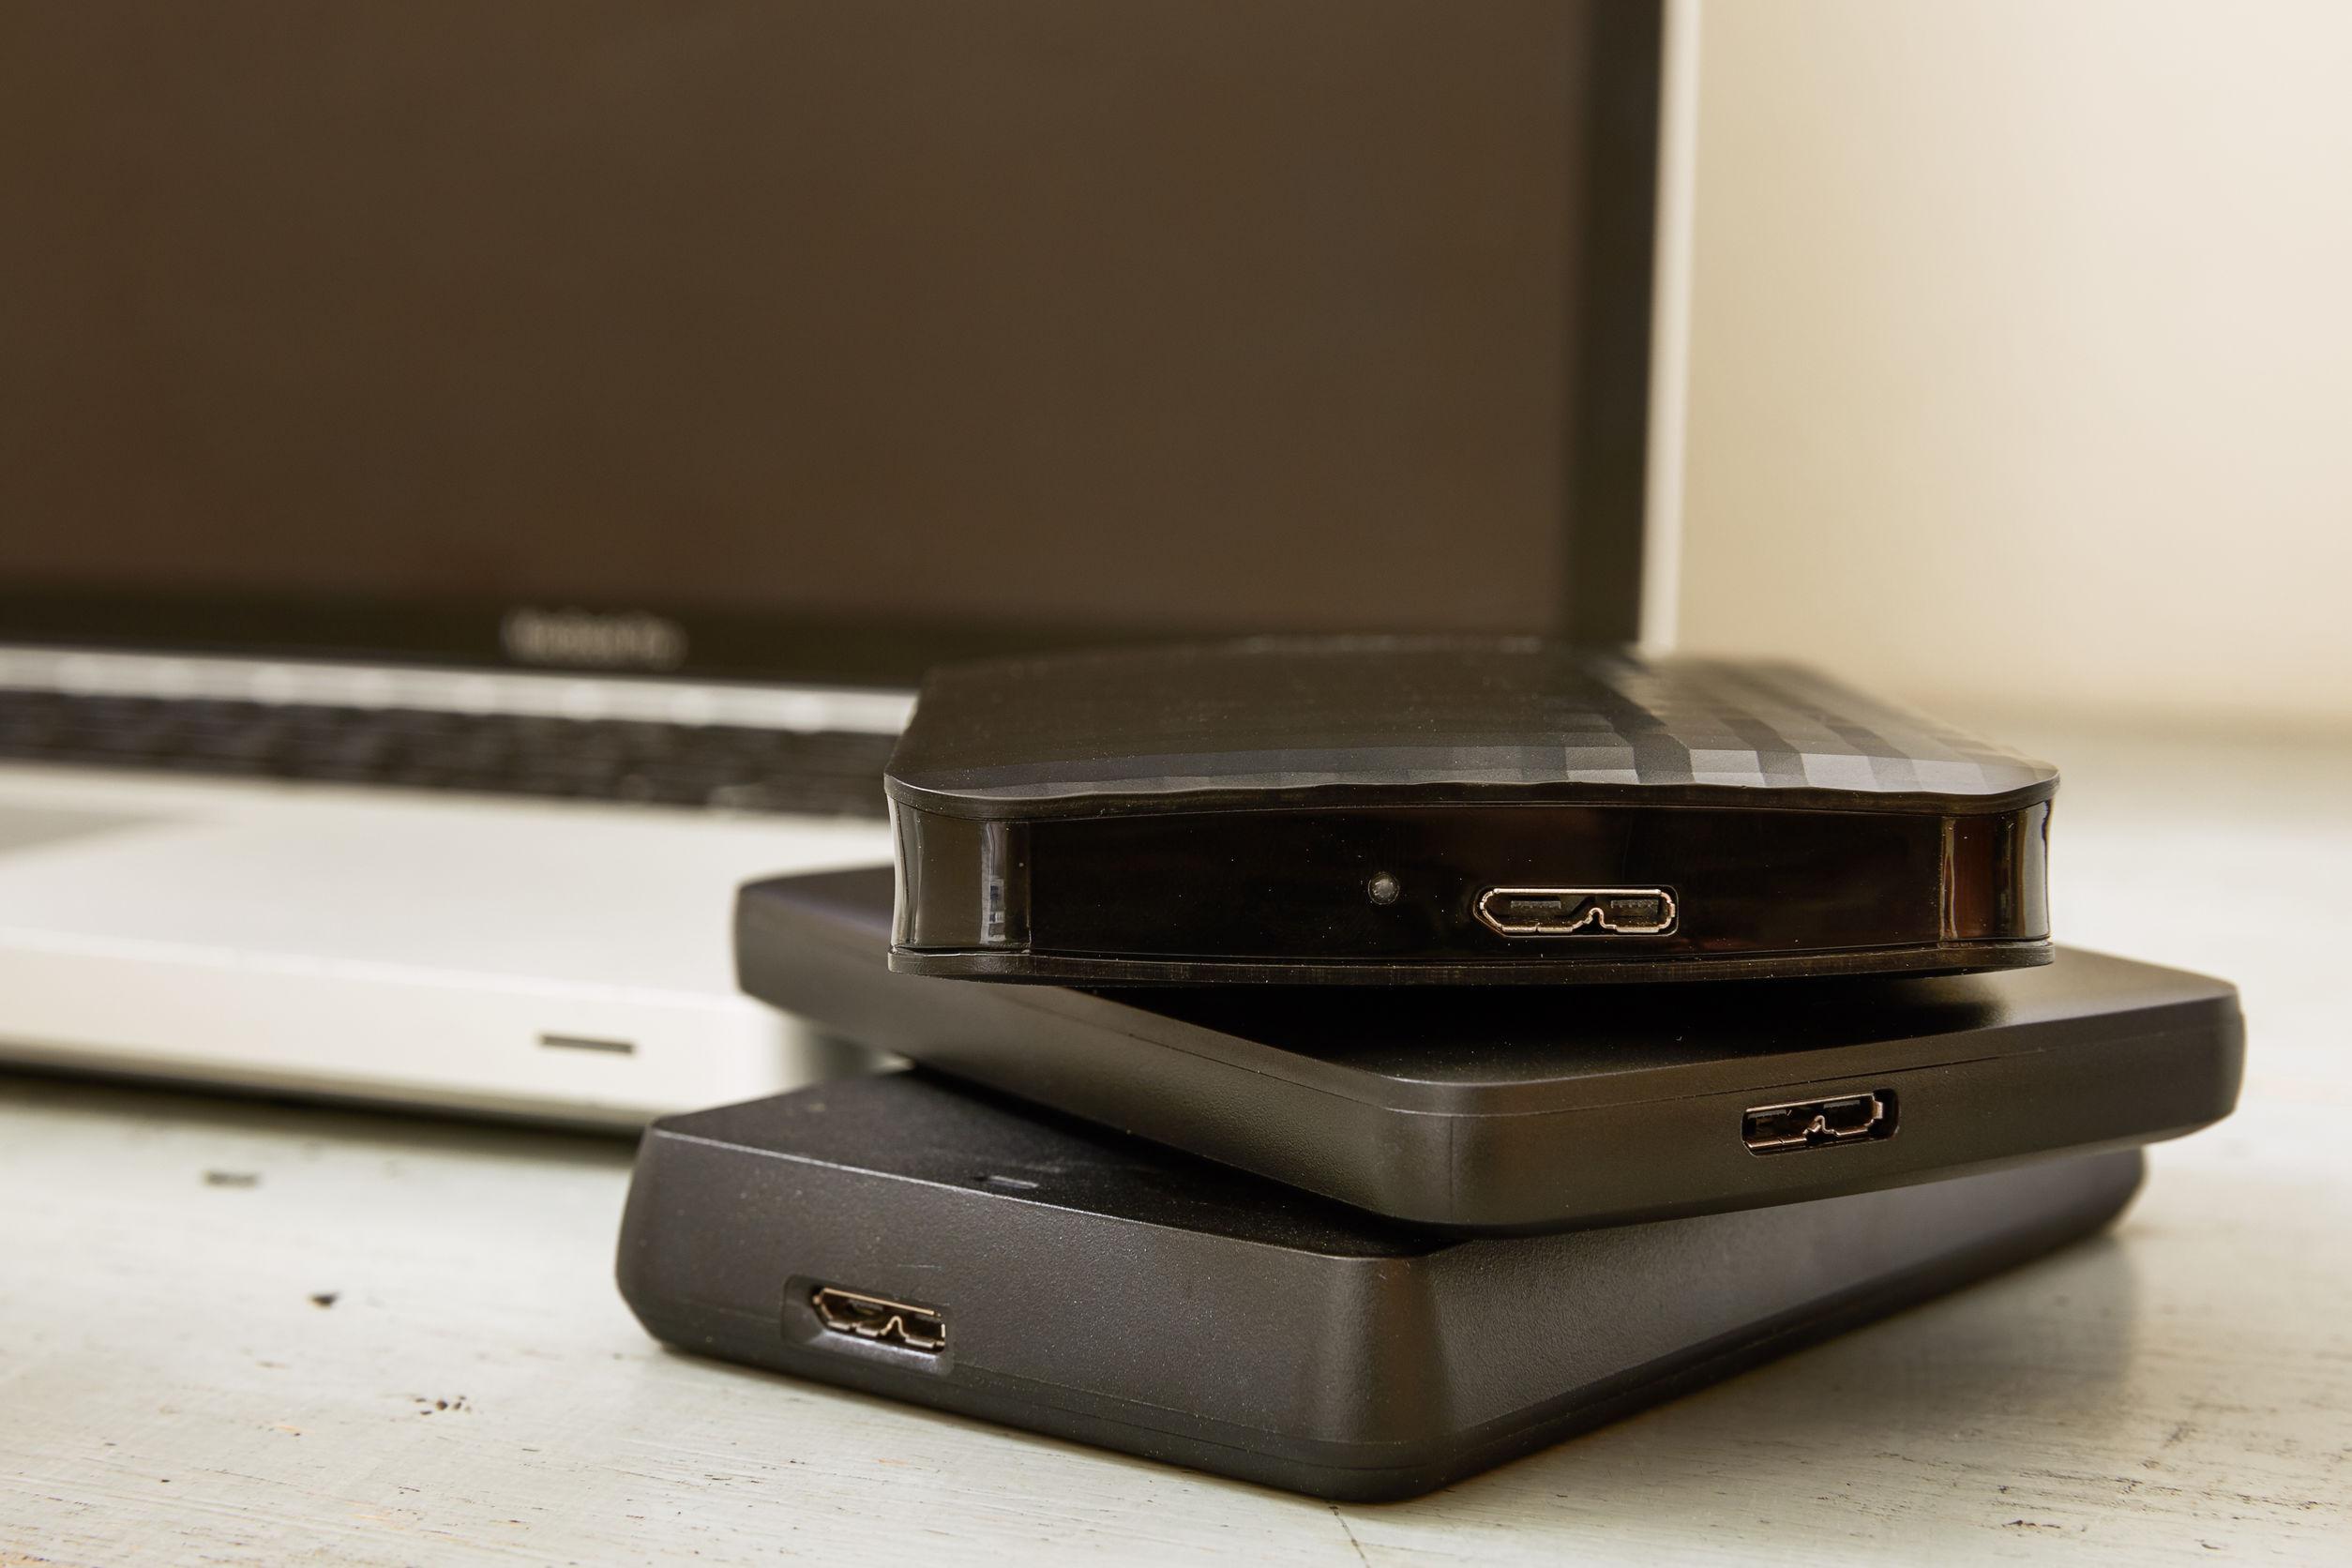 Disco duro con Wi-Fi: ¿Cuál es el mejor del 2021?